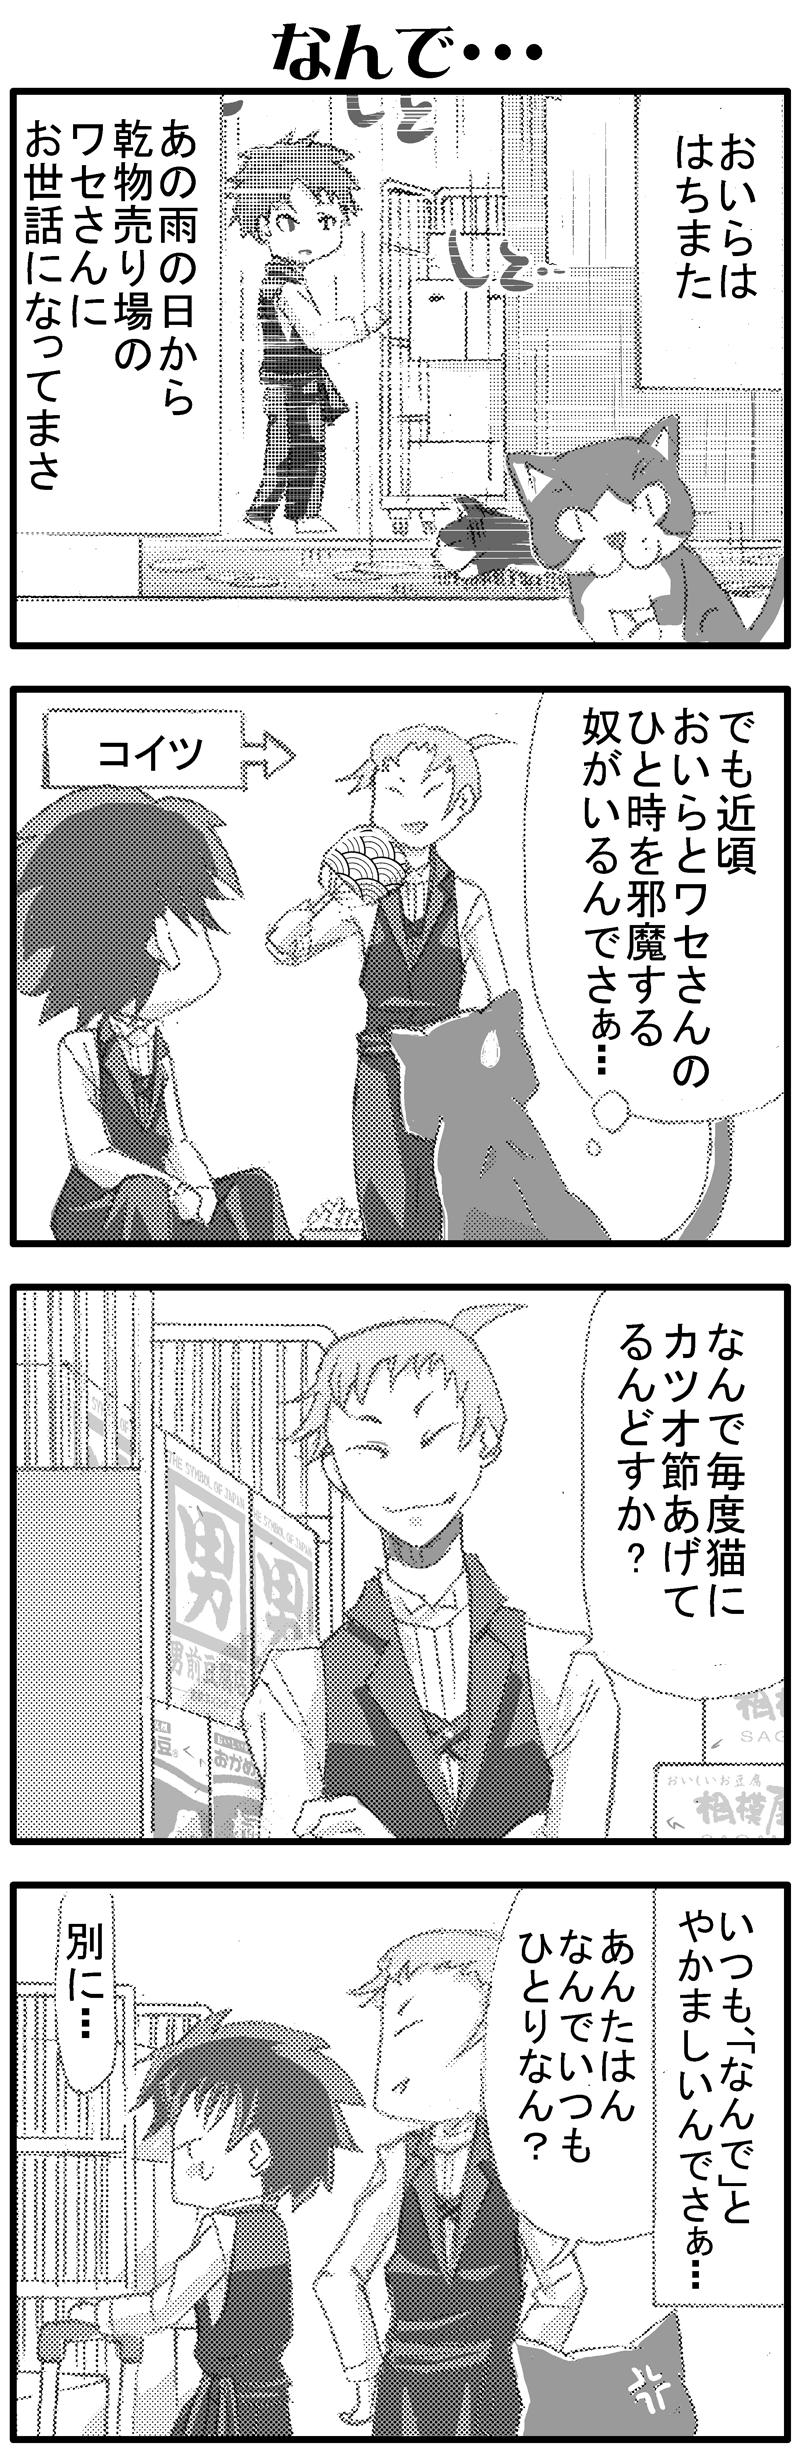 イケメンスーパー12話-2-1